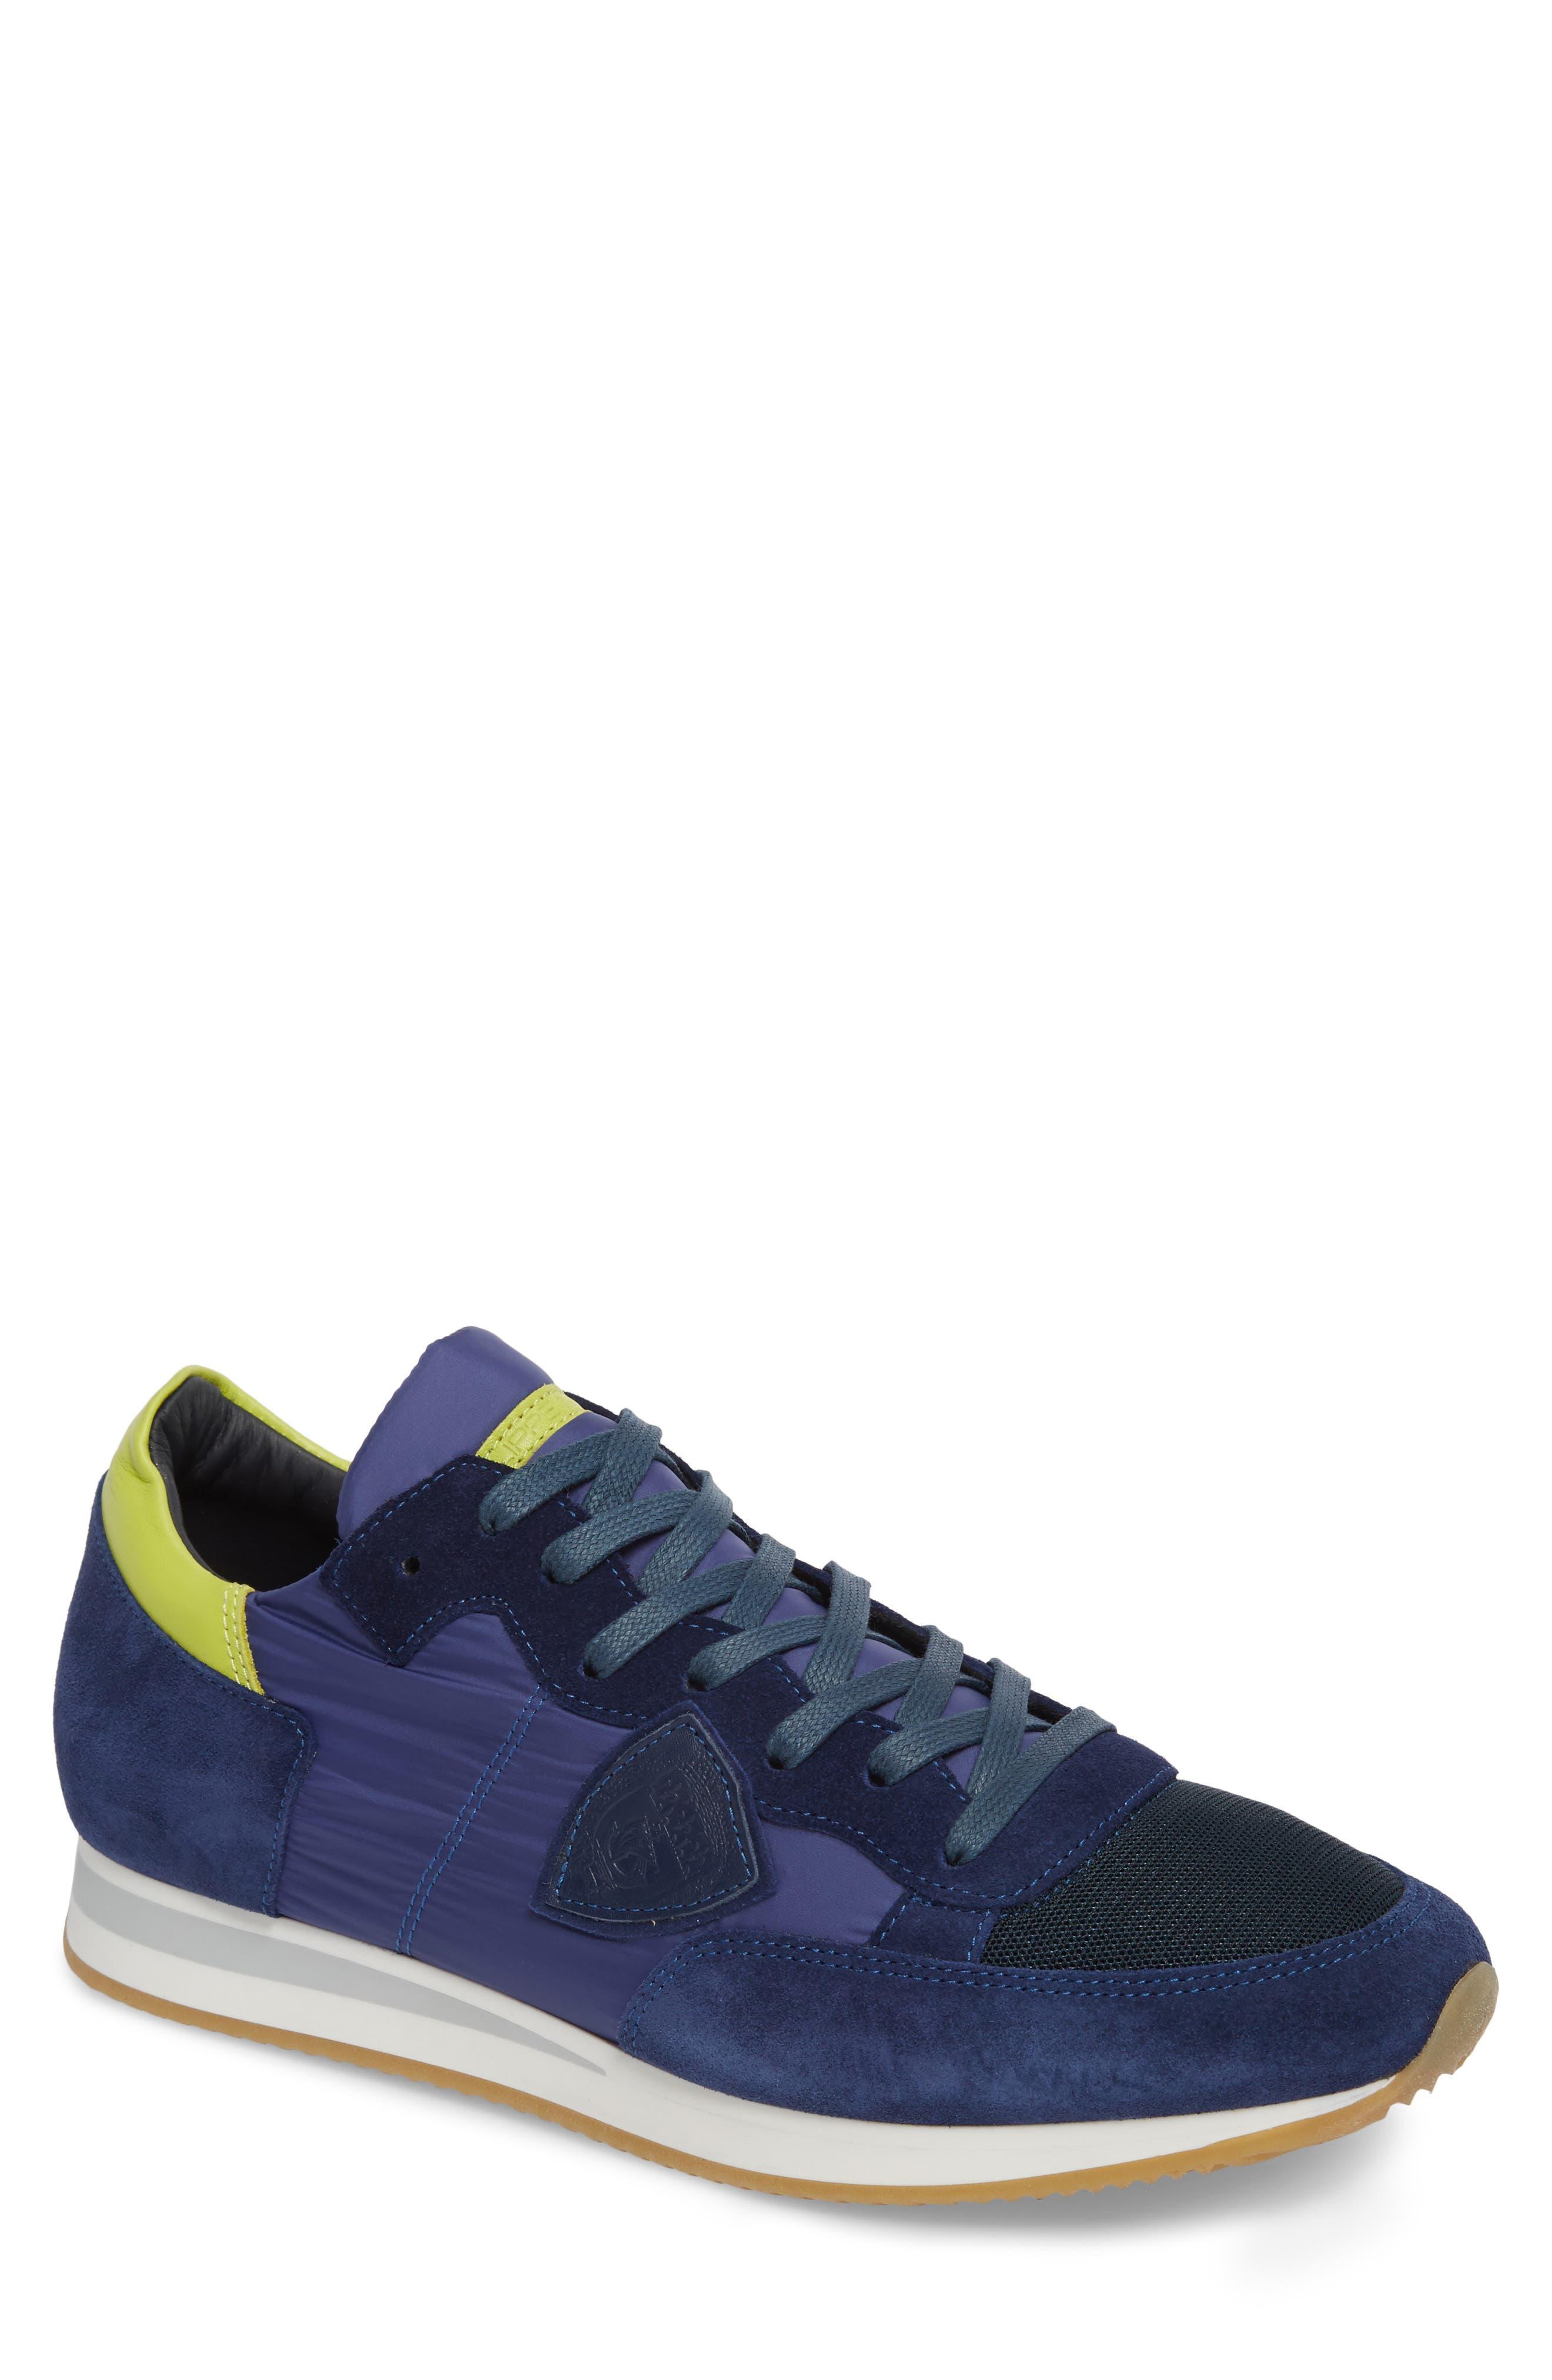 Tropez Low Top Sneaker,                             Main thumbnail 1, color,                             Blue/ Citron